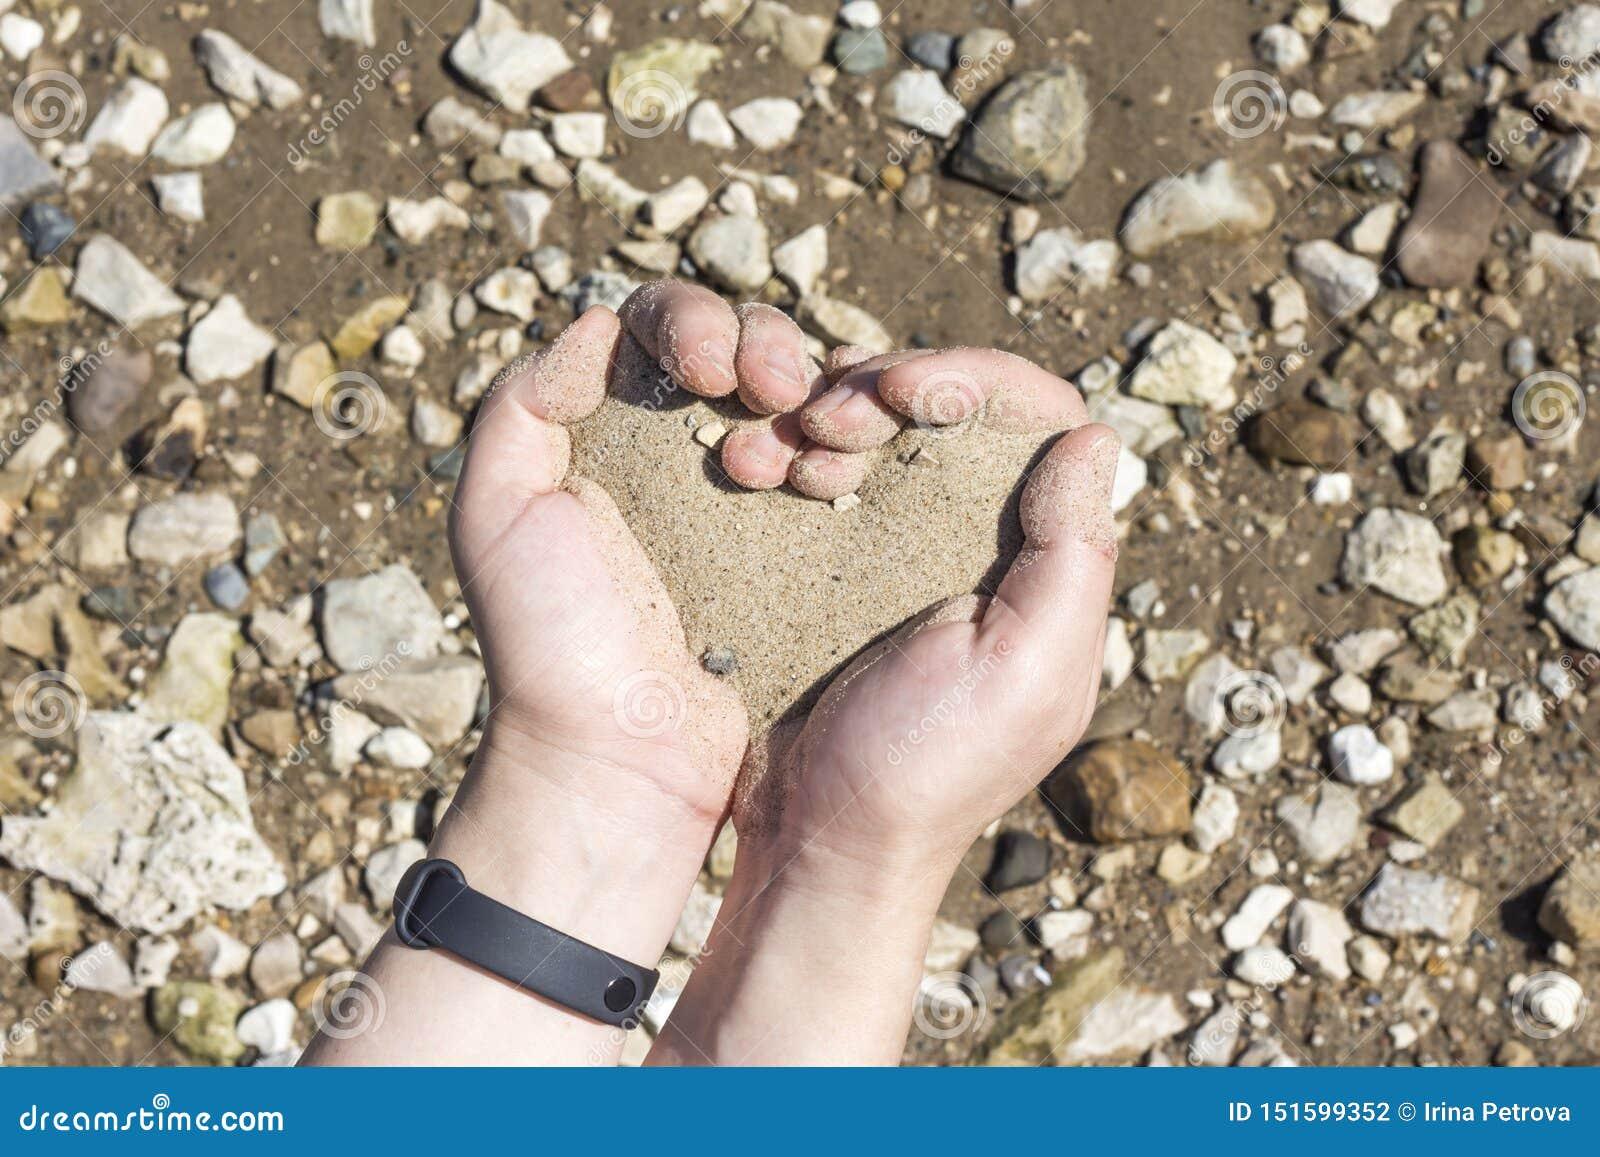 Mãos que guardam uma areia nas palmas do coração, o conceito de vida que corre para fora como a areia através dos dedos